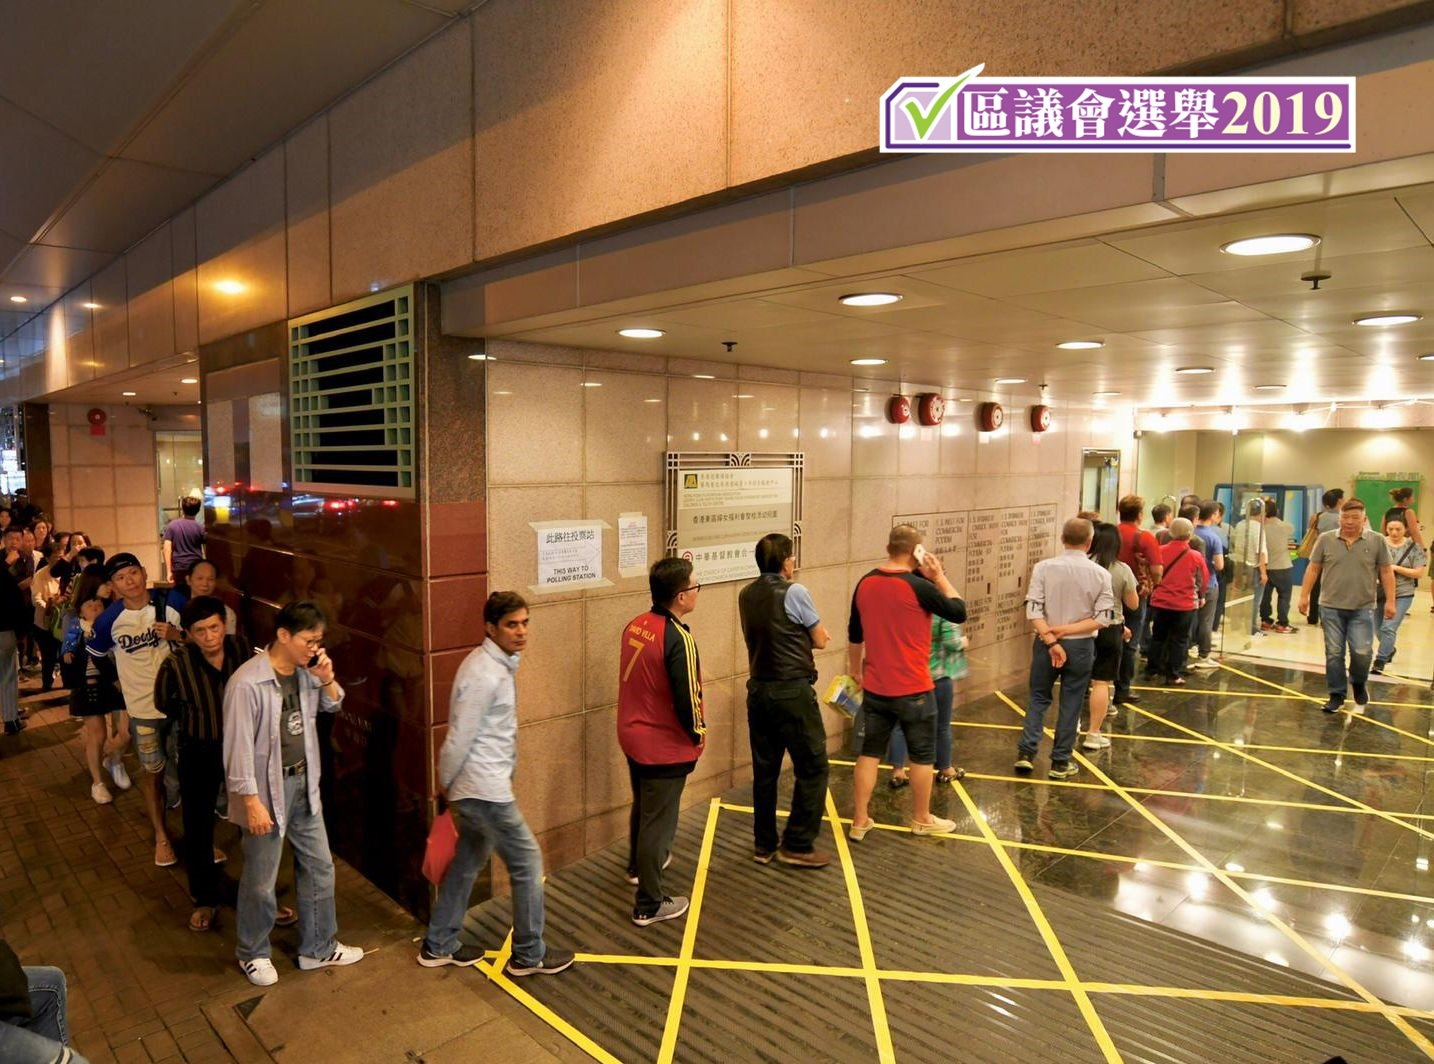 【区会选举】截至8时半逾274万人投票 投票率66.5%